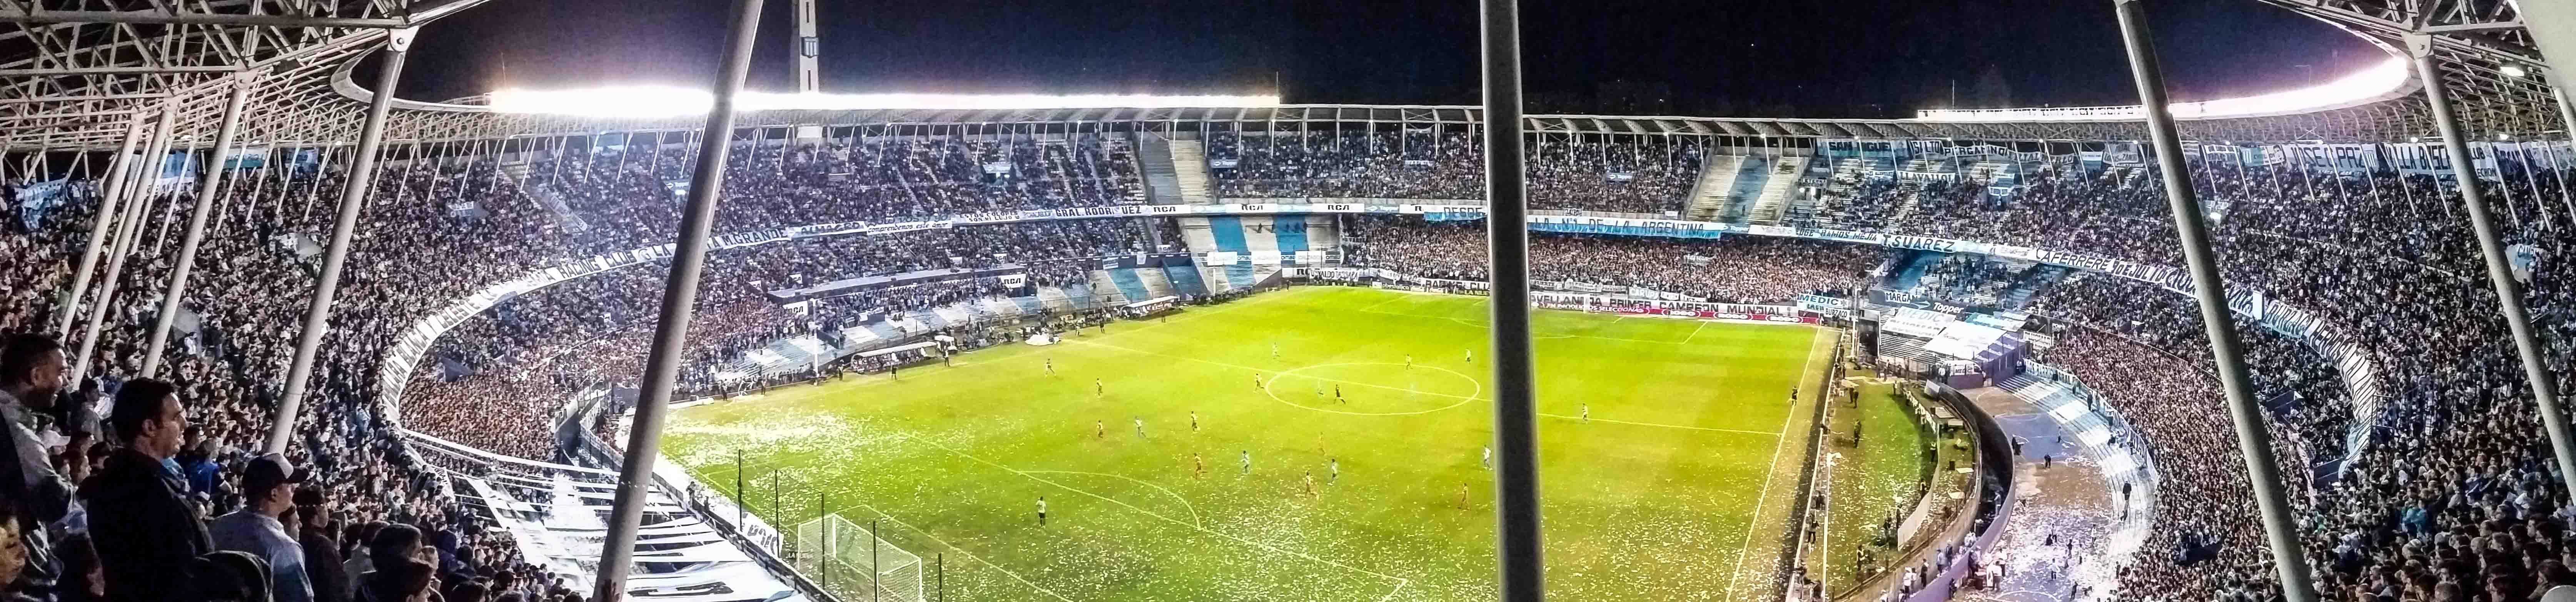 Estadio Presidente Juan Domingo Perón, Derby de Avellaneda, Buenos Aires